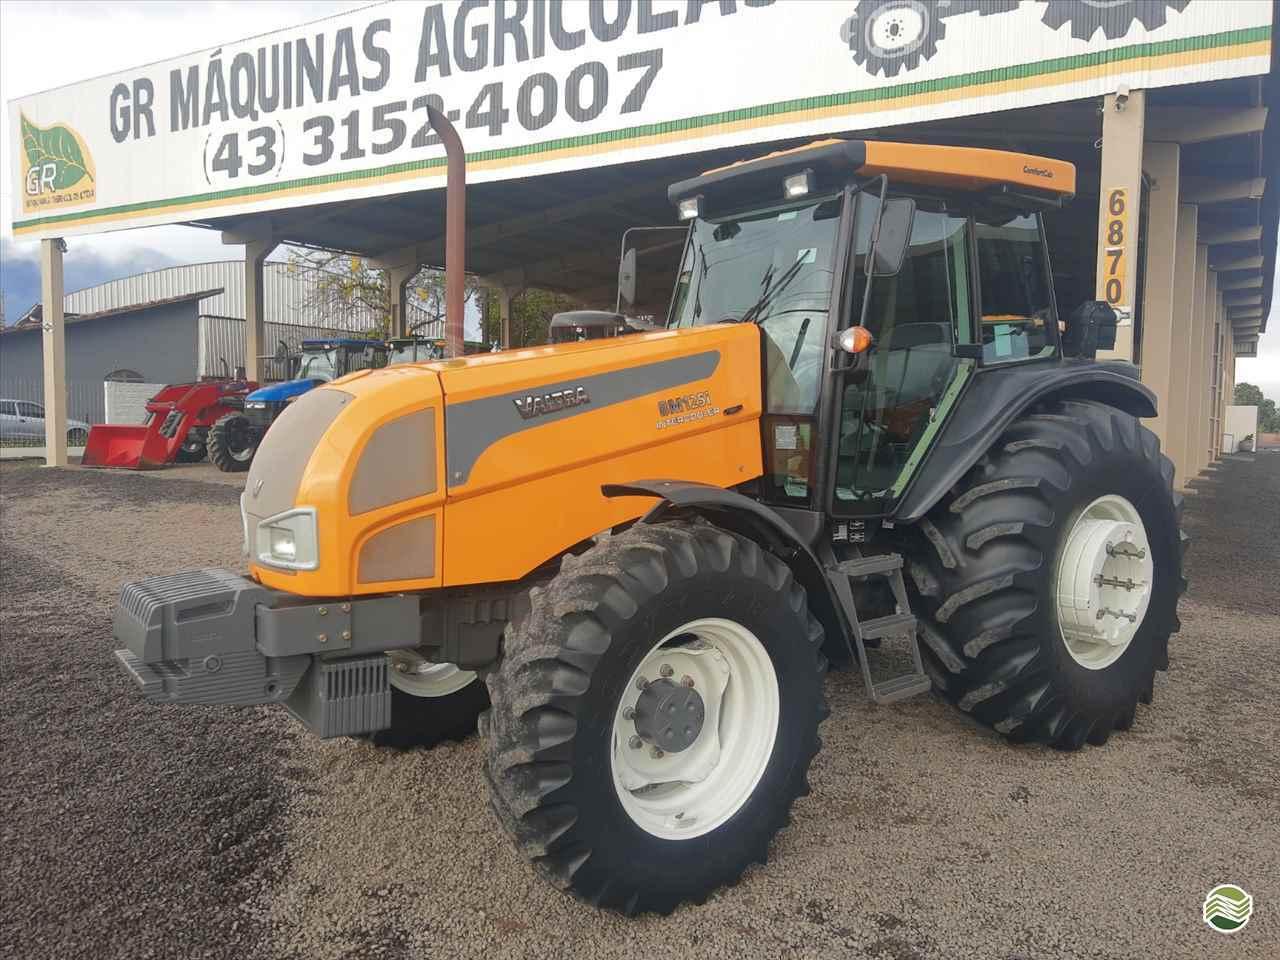 TRATOR VALTRA VALTRA BM 125 Tração 4x4 GR Máquinas Agrícolas ARAPONGAS PARANÁ PR